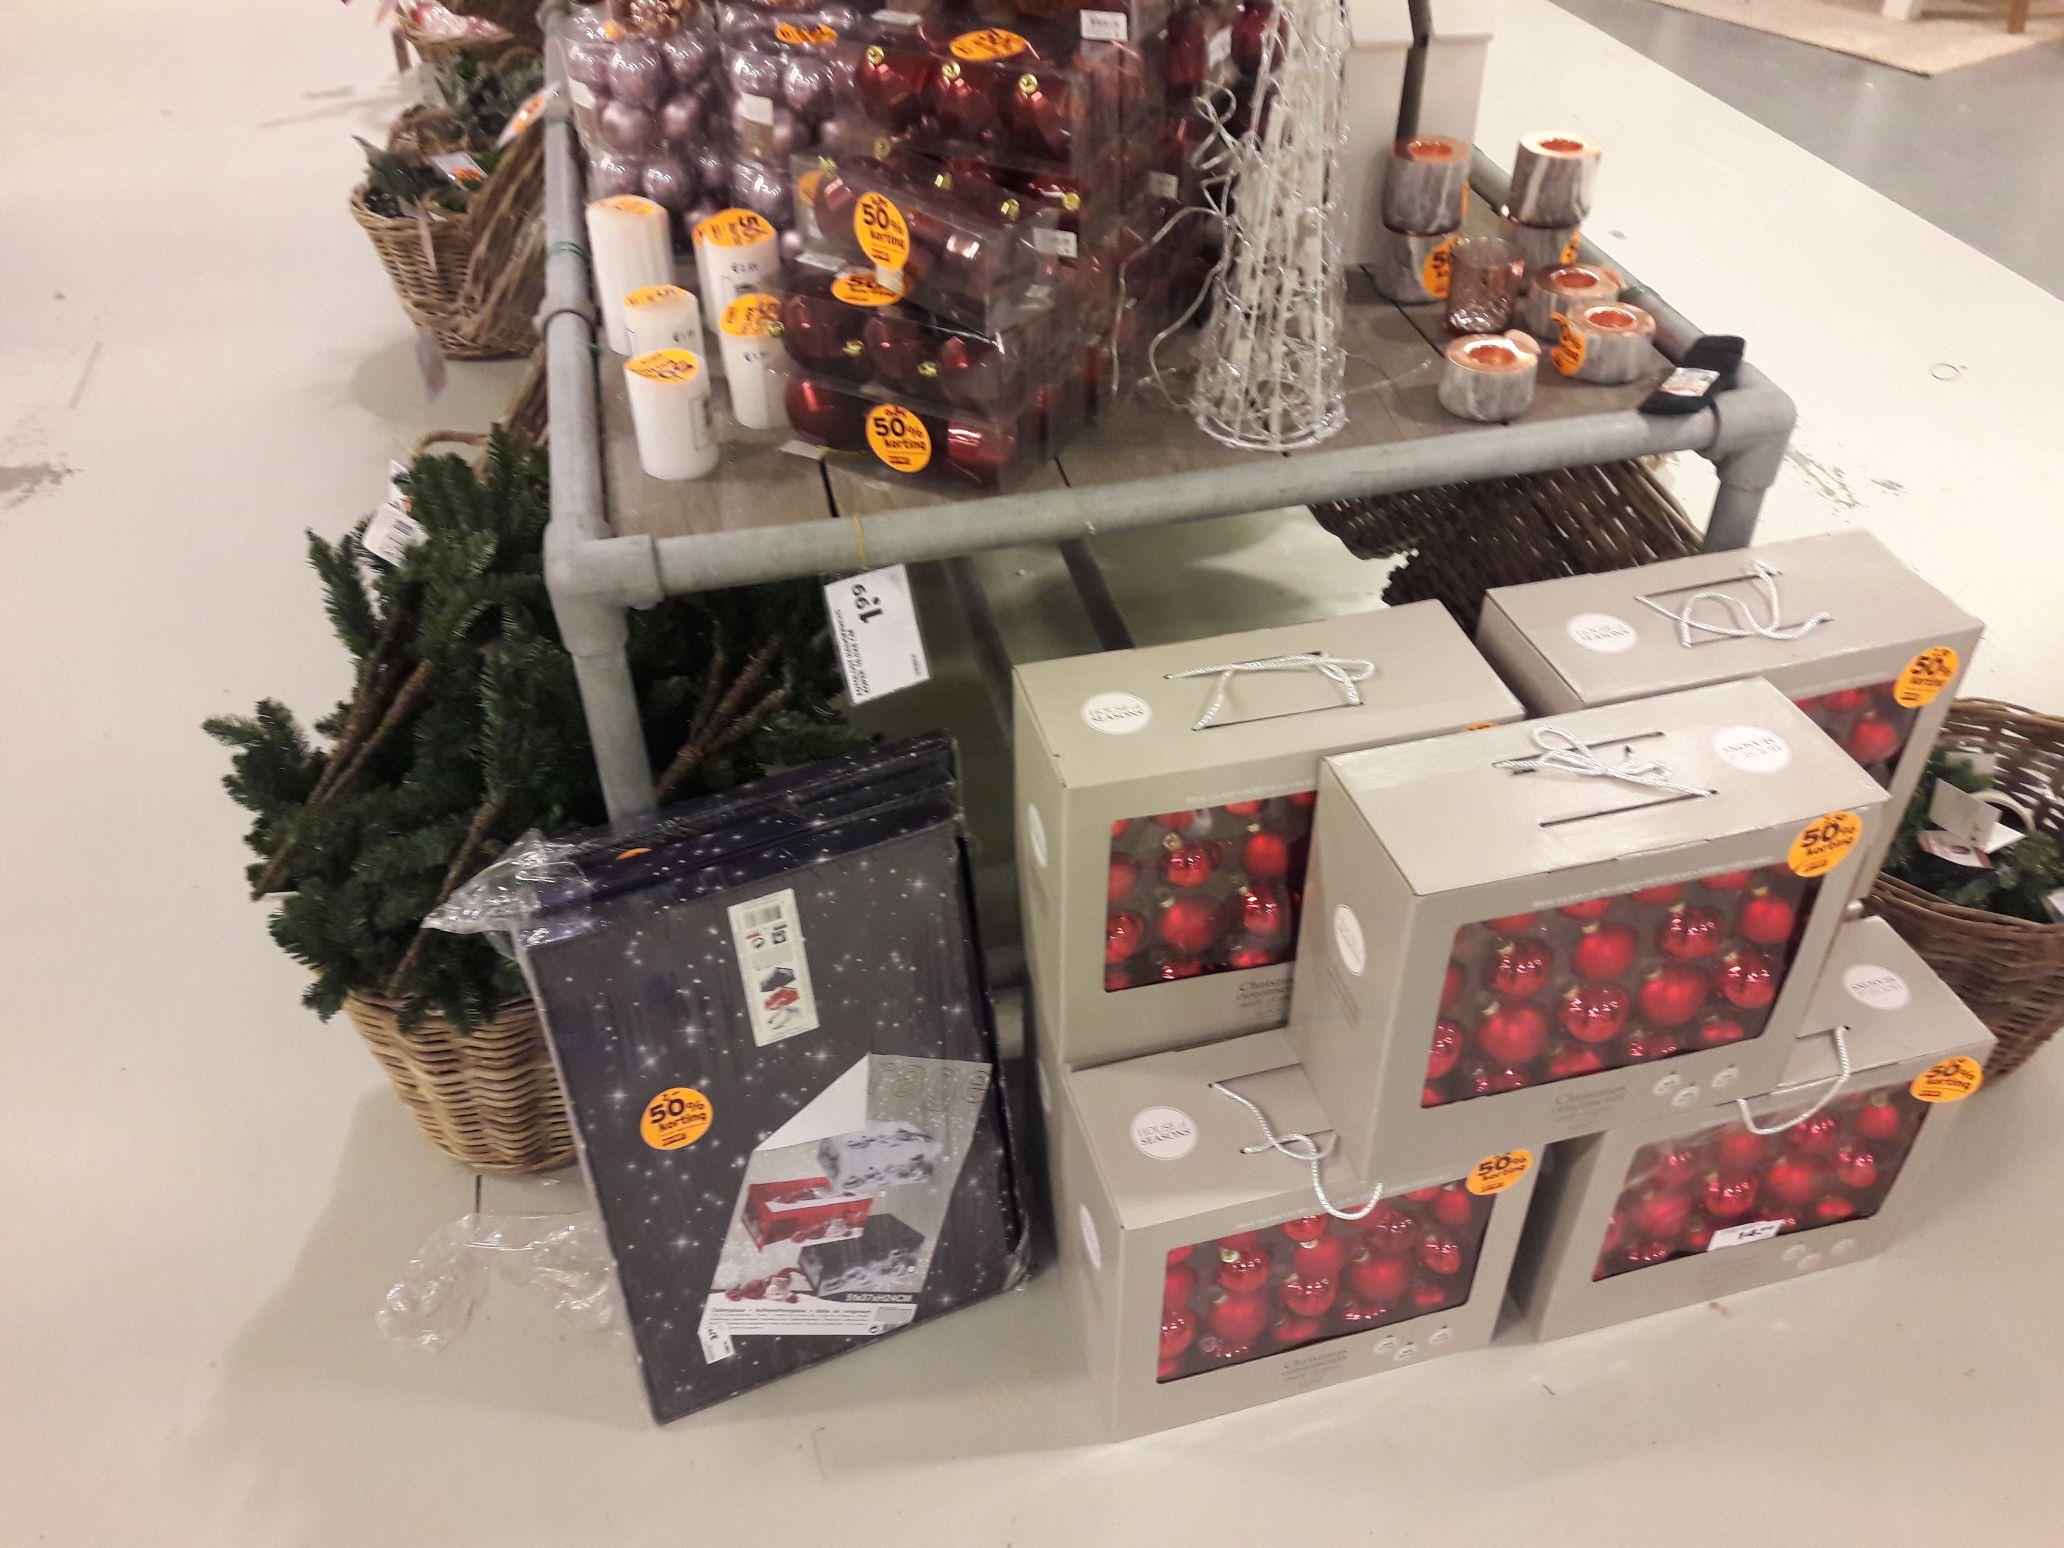 50 %Korting op kerst artikelen bij de gamma